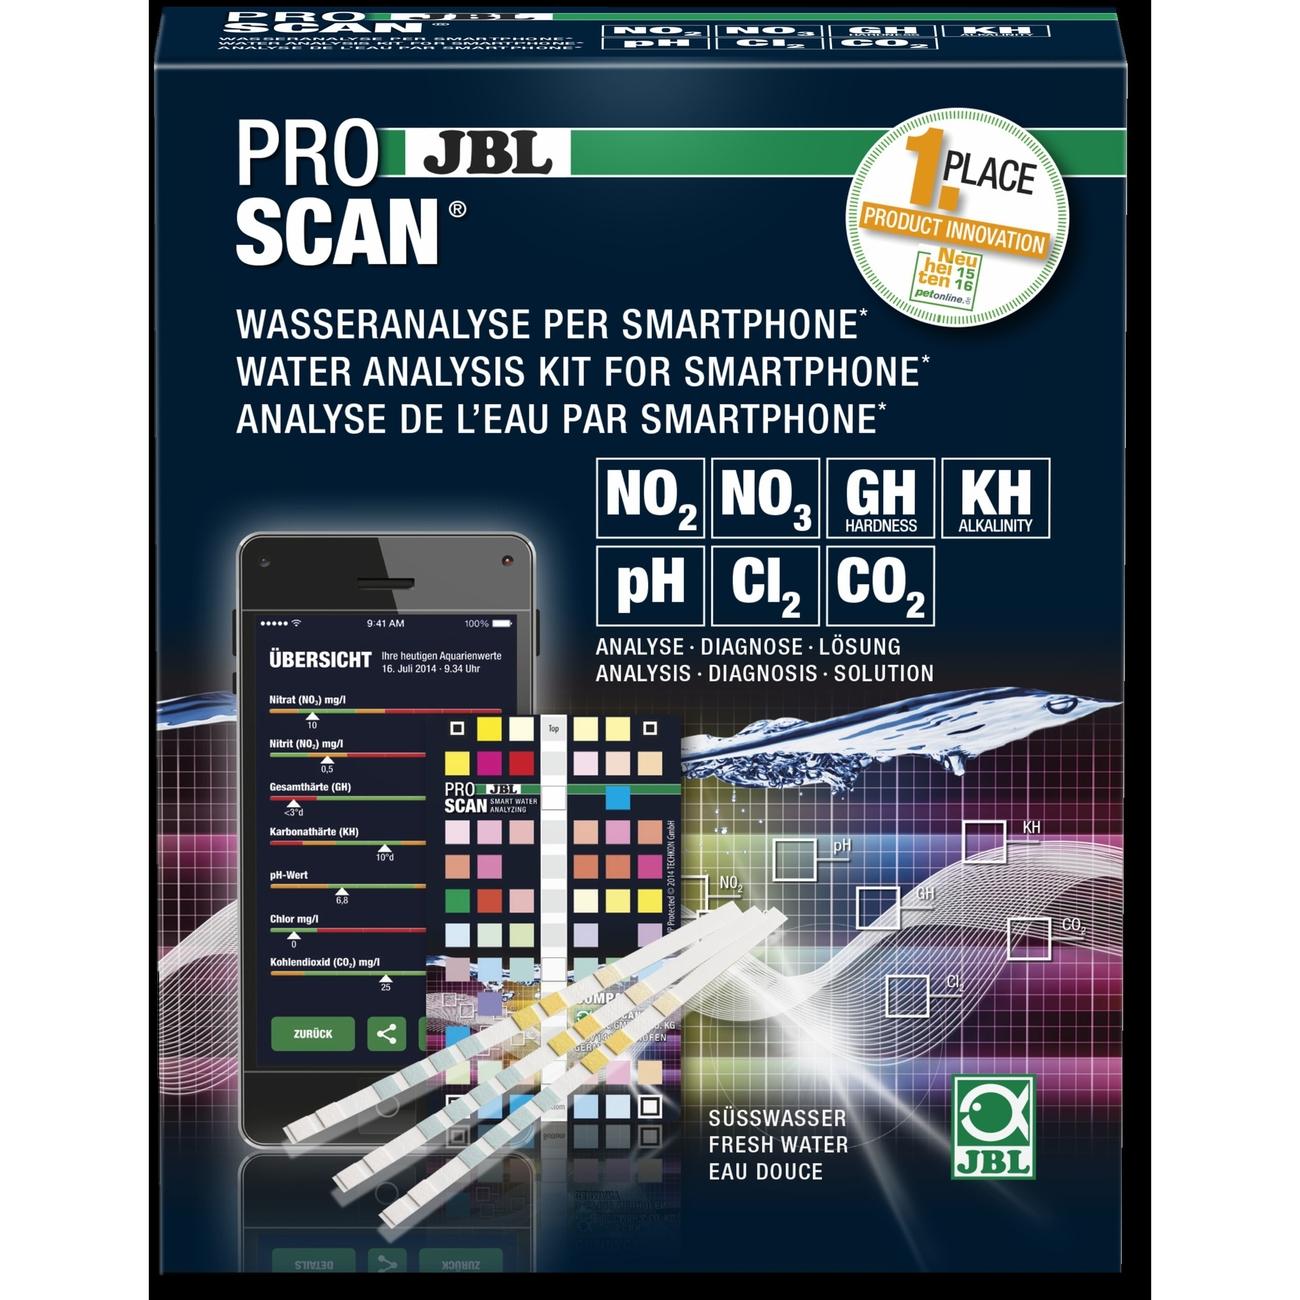 JBL ProScan Wassertest mit Smartphoneauswertung, Bild 3